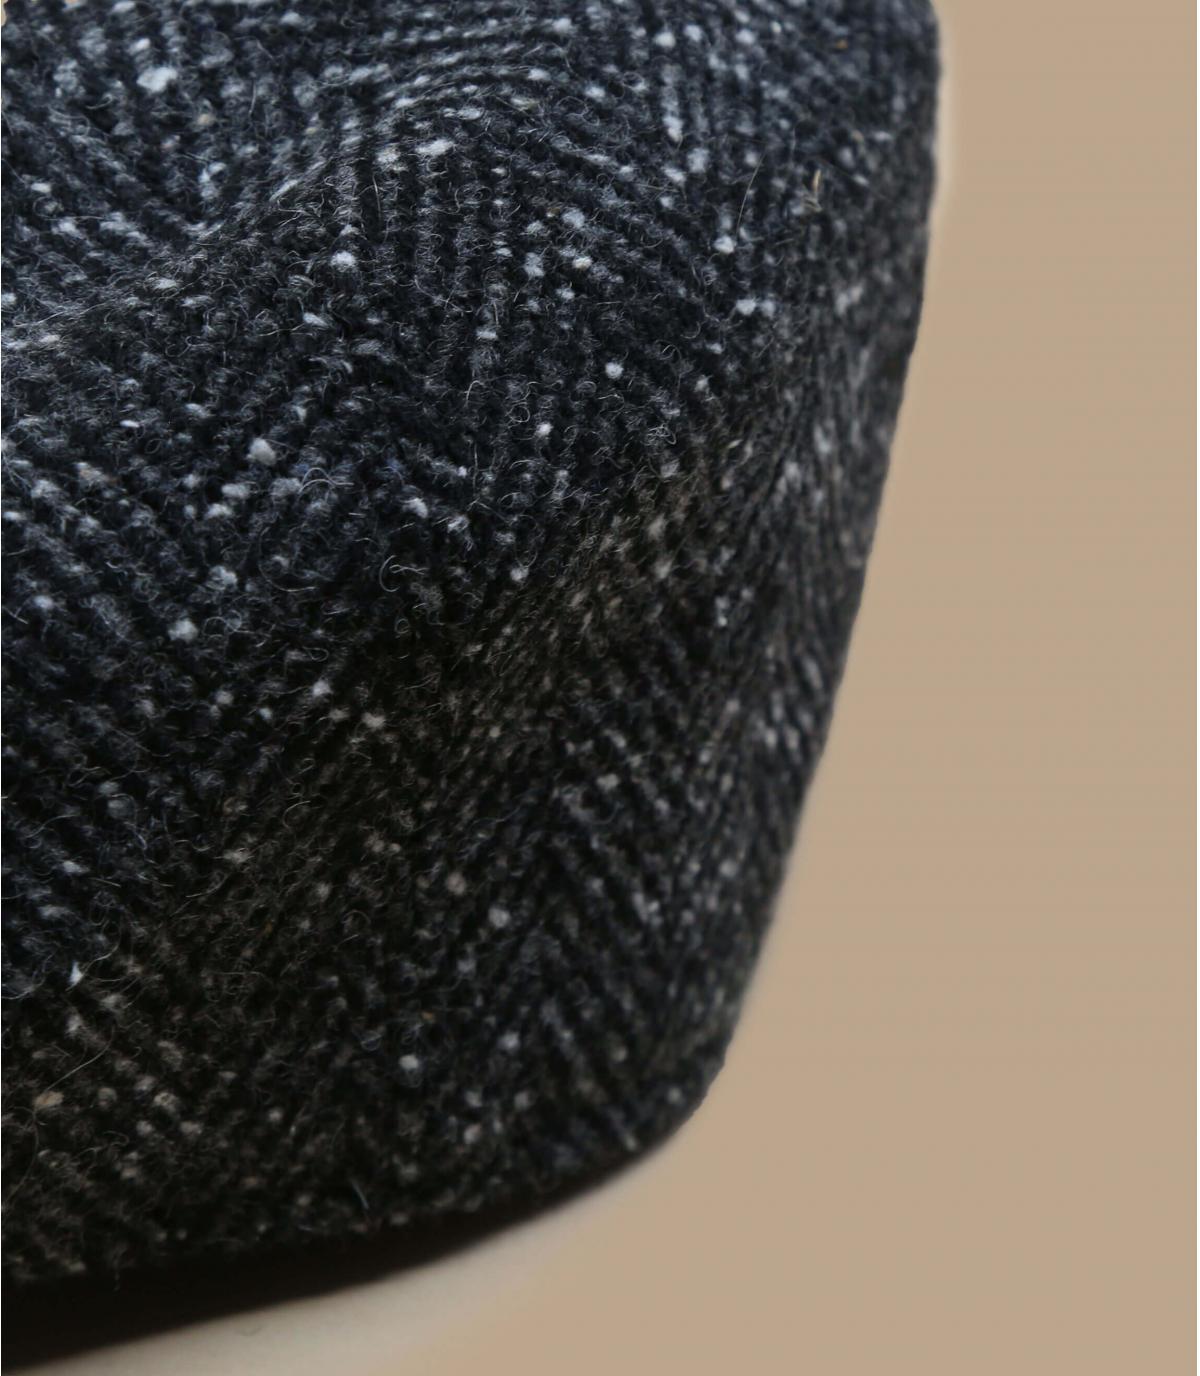 Details Staffy Atollo schwarz - Abbildung 2